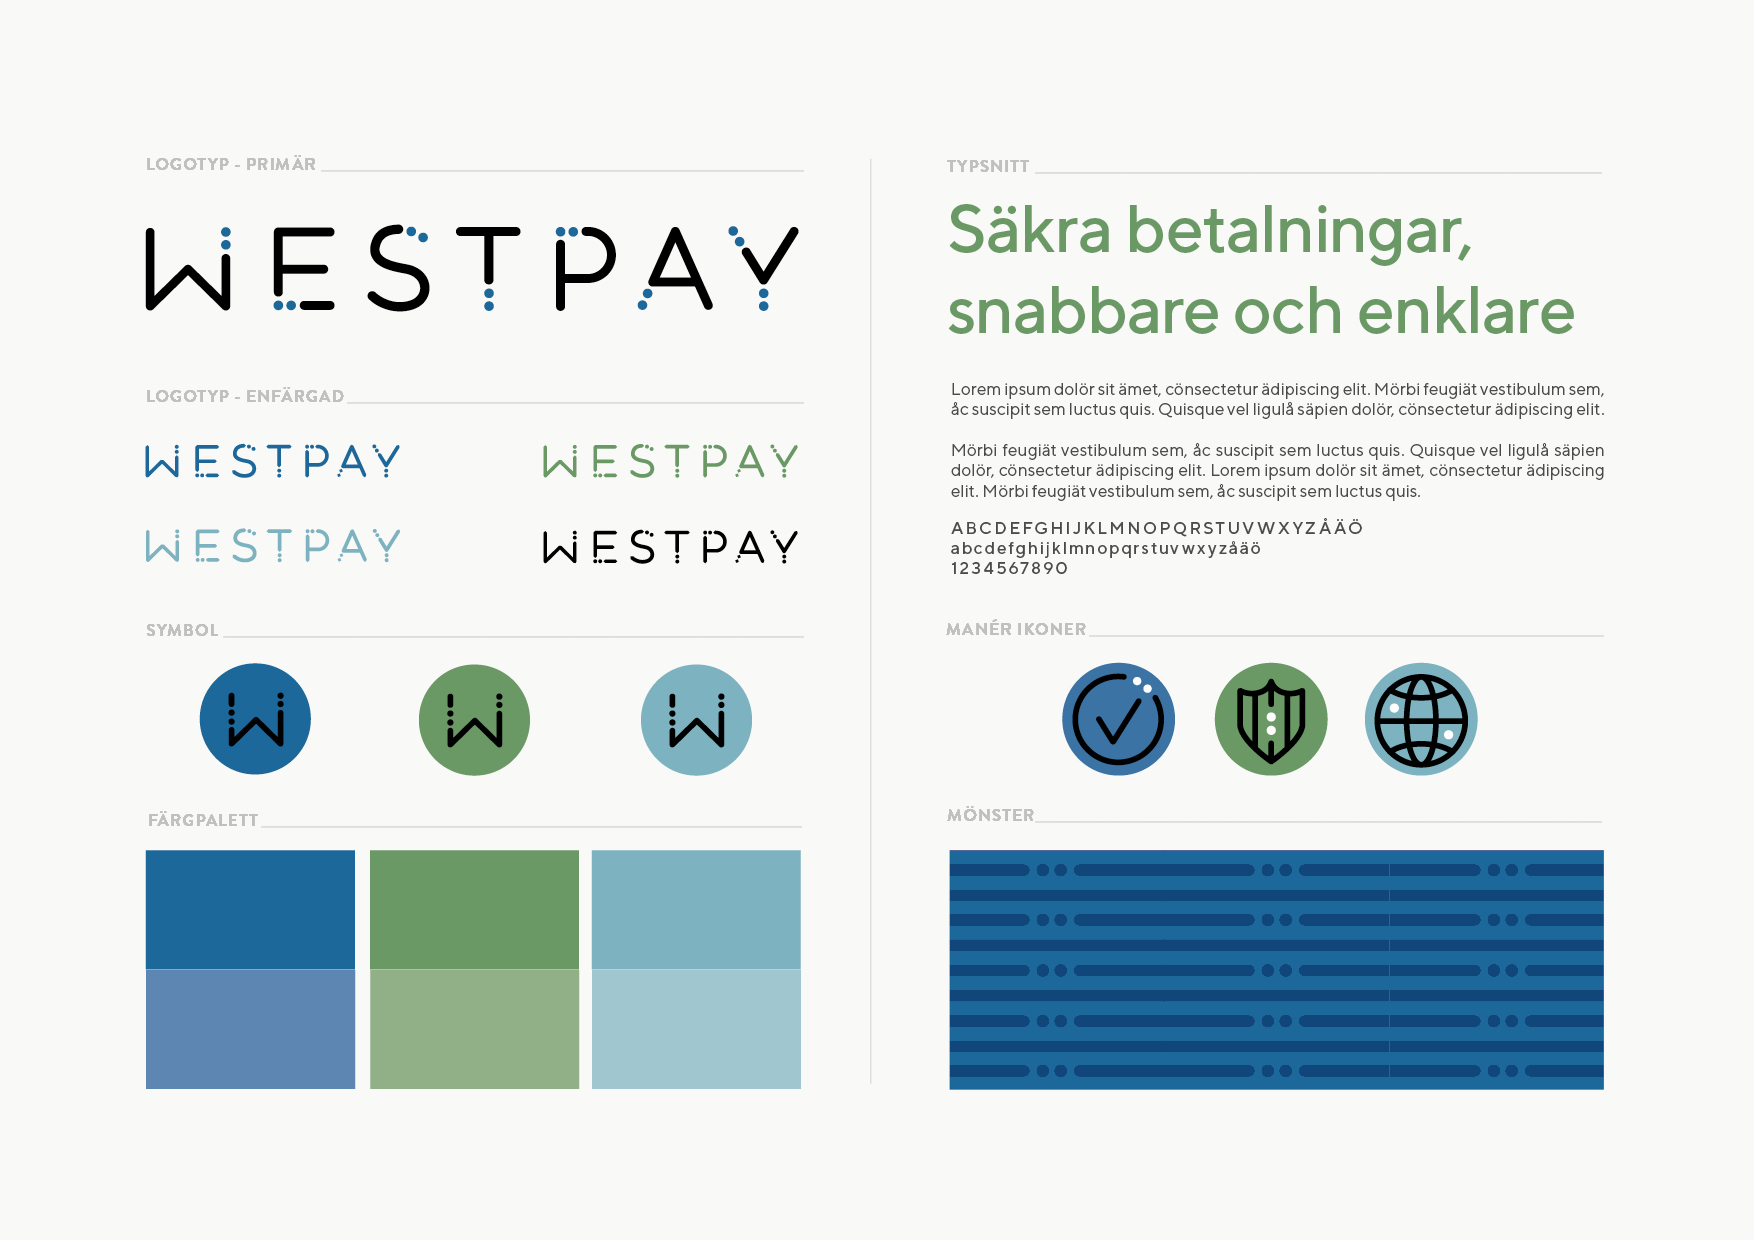 design formgivning logotyp symbol grafisk identitet profil Westpay Brandma designbyrå reklambyrå kommunikationsbyrå Stockholm